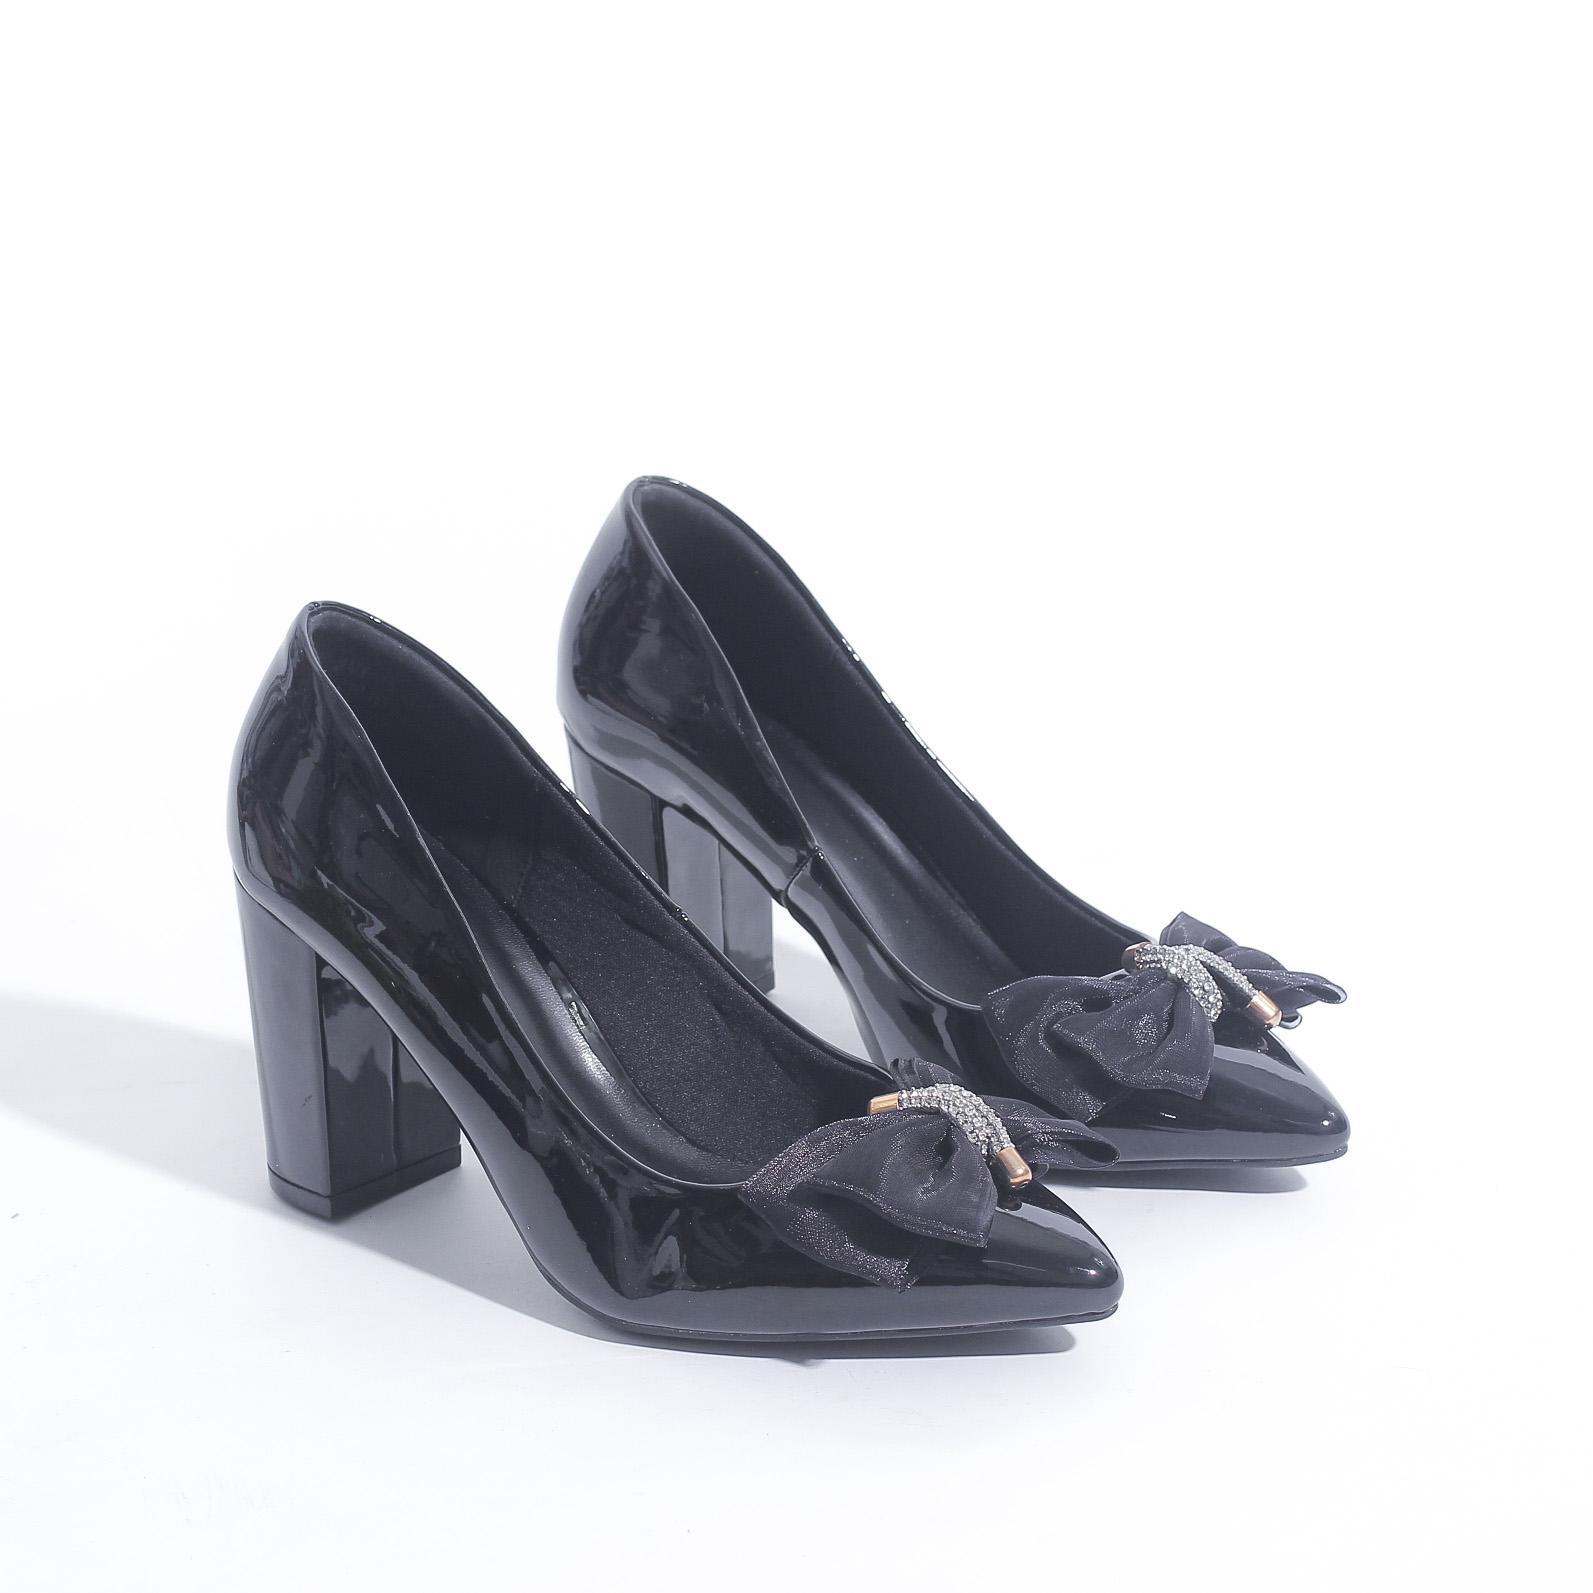 Giày Cao Gót Đế Vuông 7cm Da Bóng Nơ Lưới Pixie X407